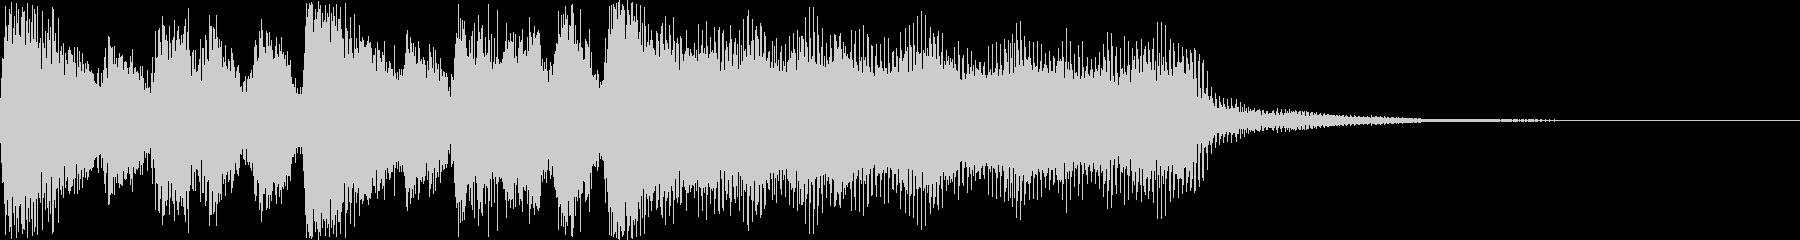 レベルUP・クリアの短めファンファーレの未再生の波形